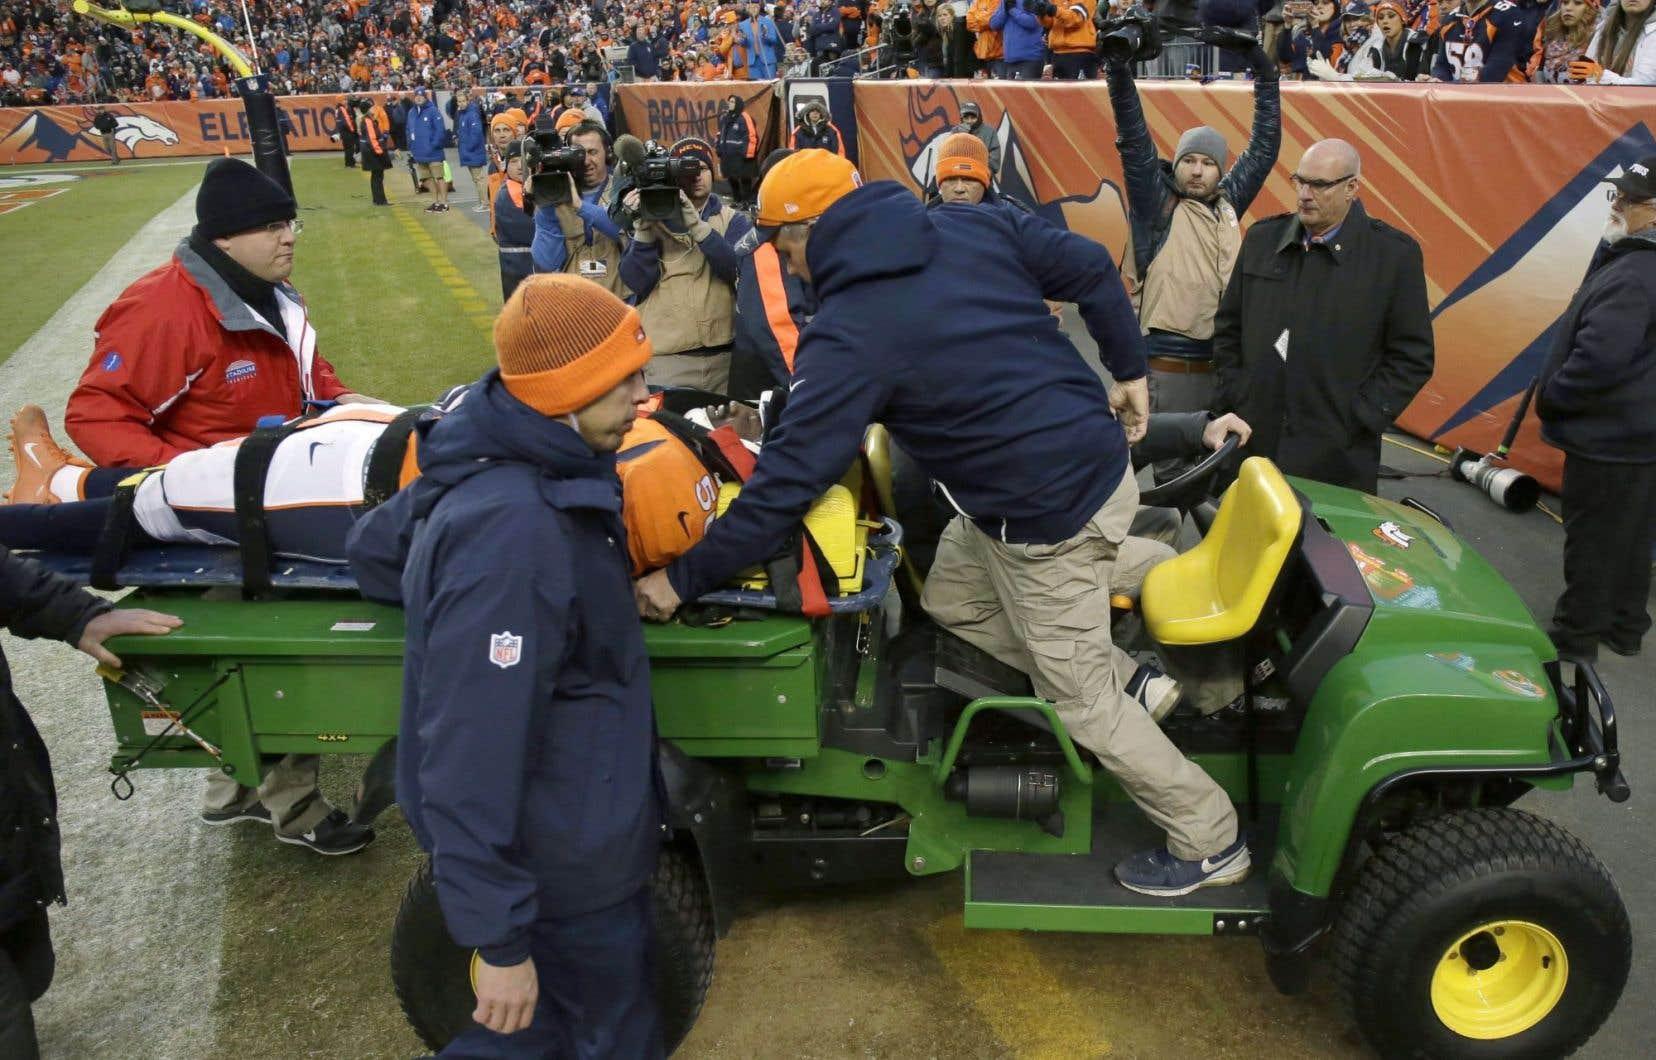 Le secondeur des Broncos de Denver, Zaire Anderson, après s'être blessé au jeu